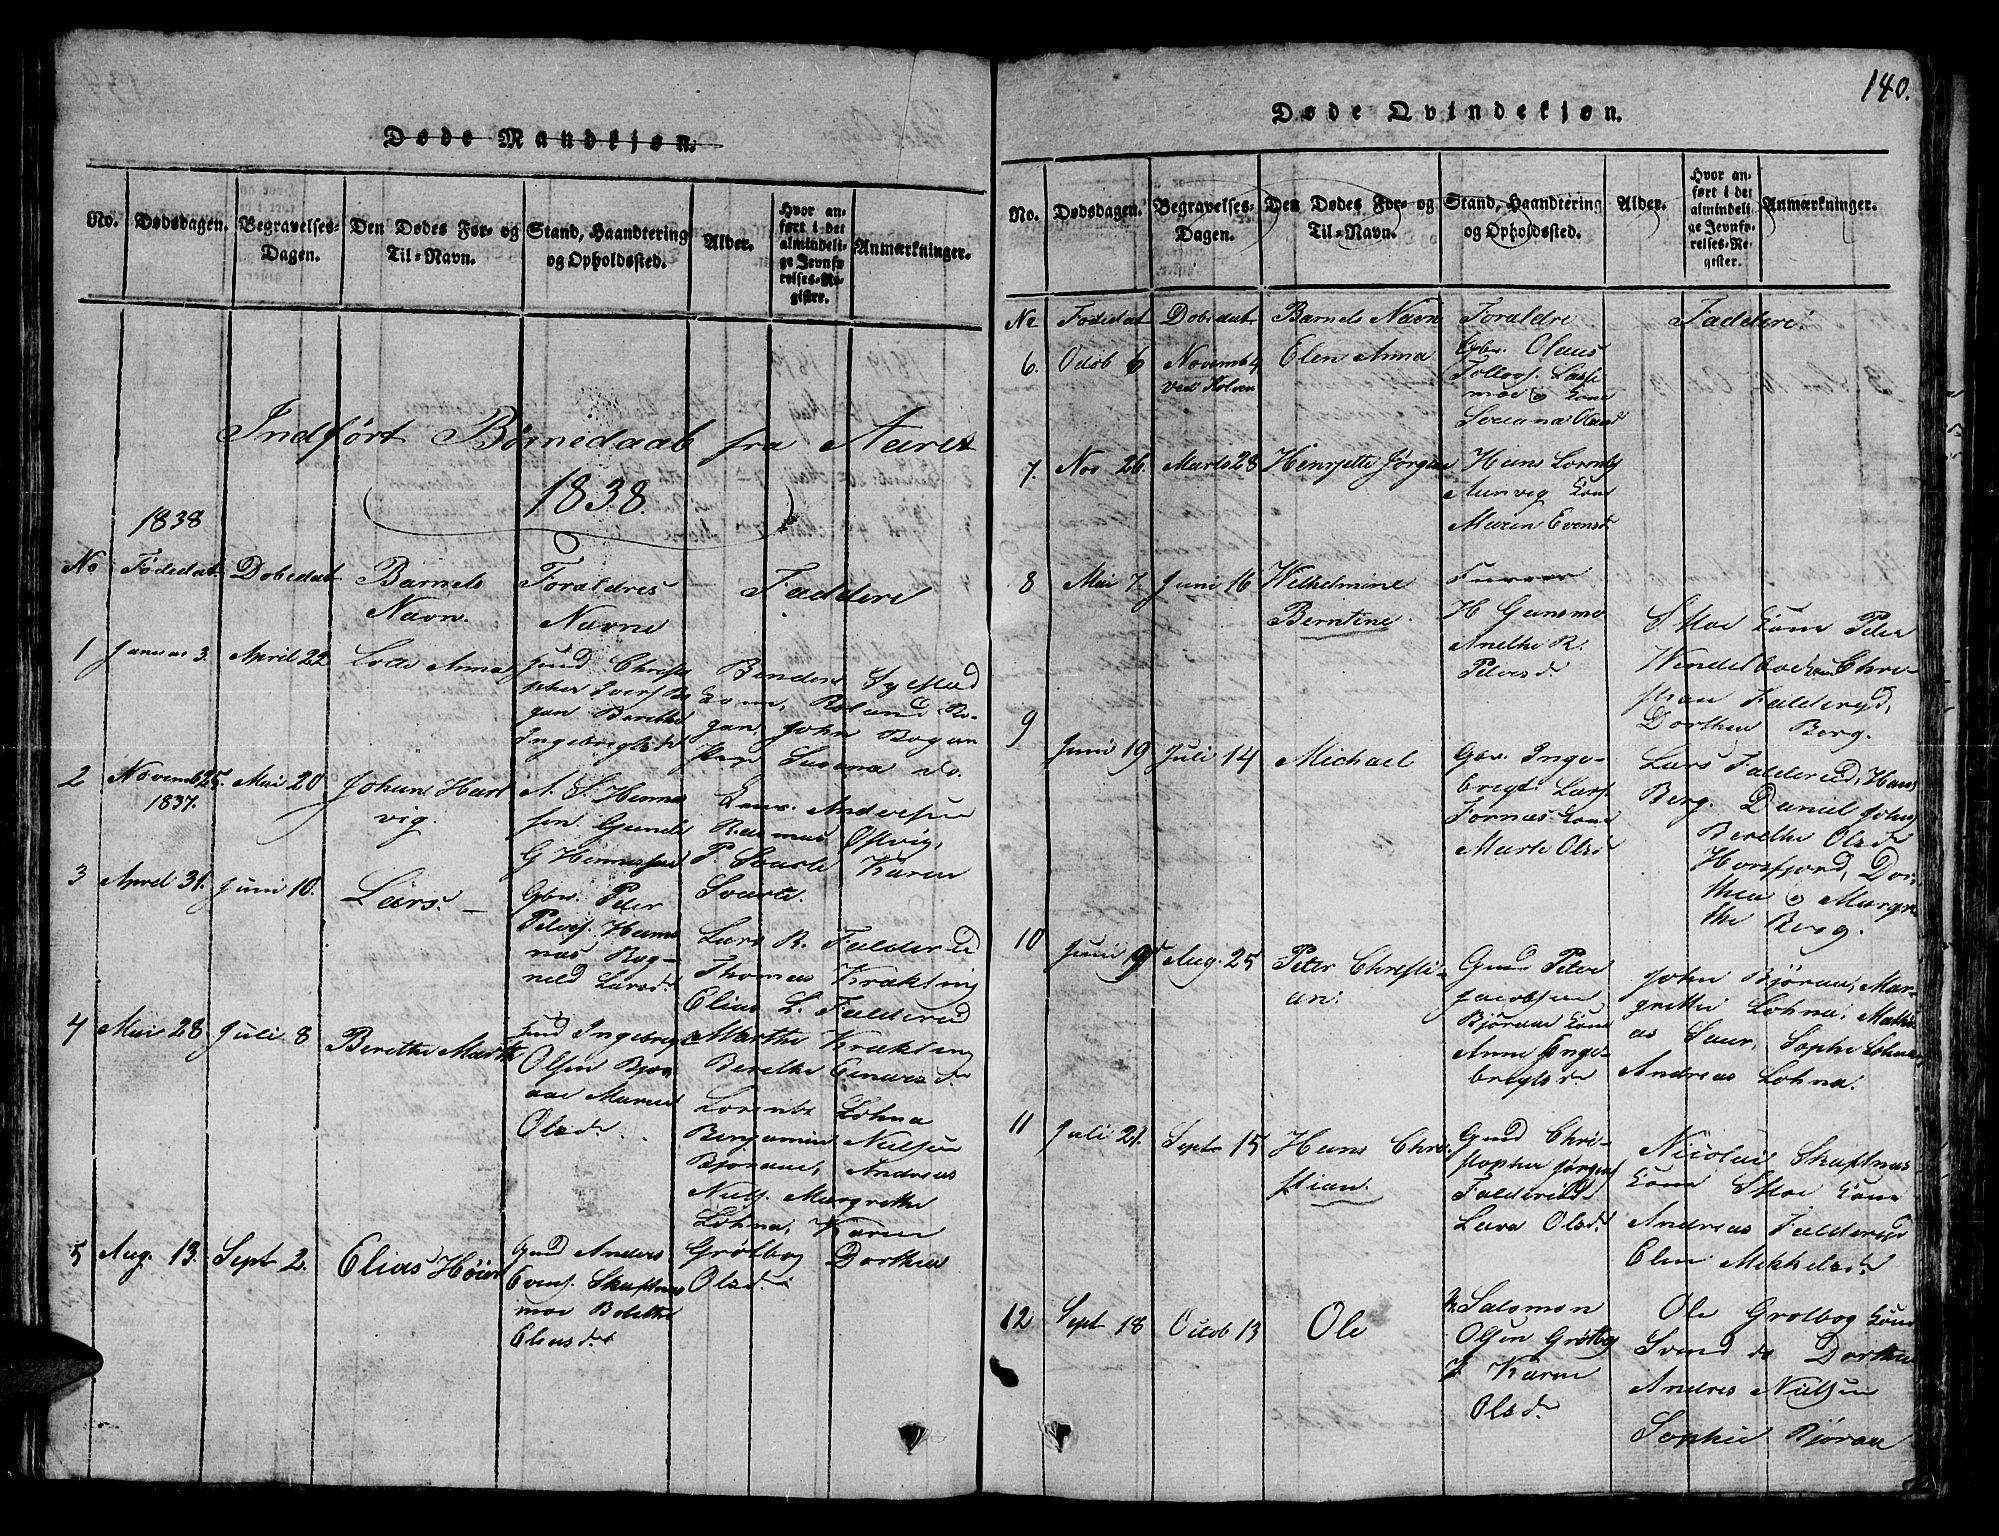 SAT, Ministerialprotokoller, klokkerbøker og fødselsregistre - Nord-Trøndelag, 780/L0648: Klokkerbok nr. 780C01 /3, 1815-1877, s. 140